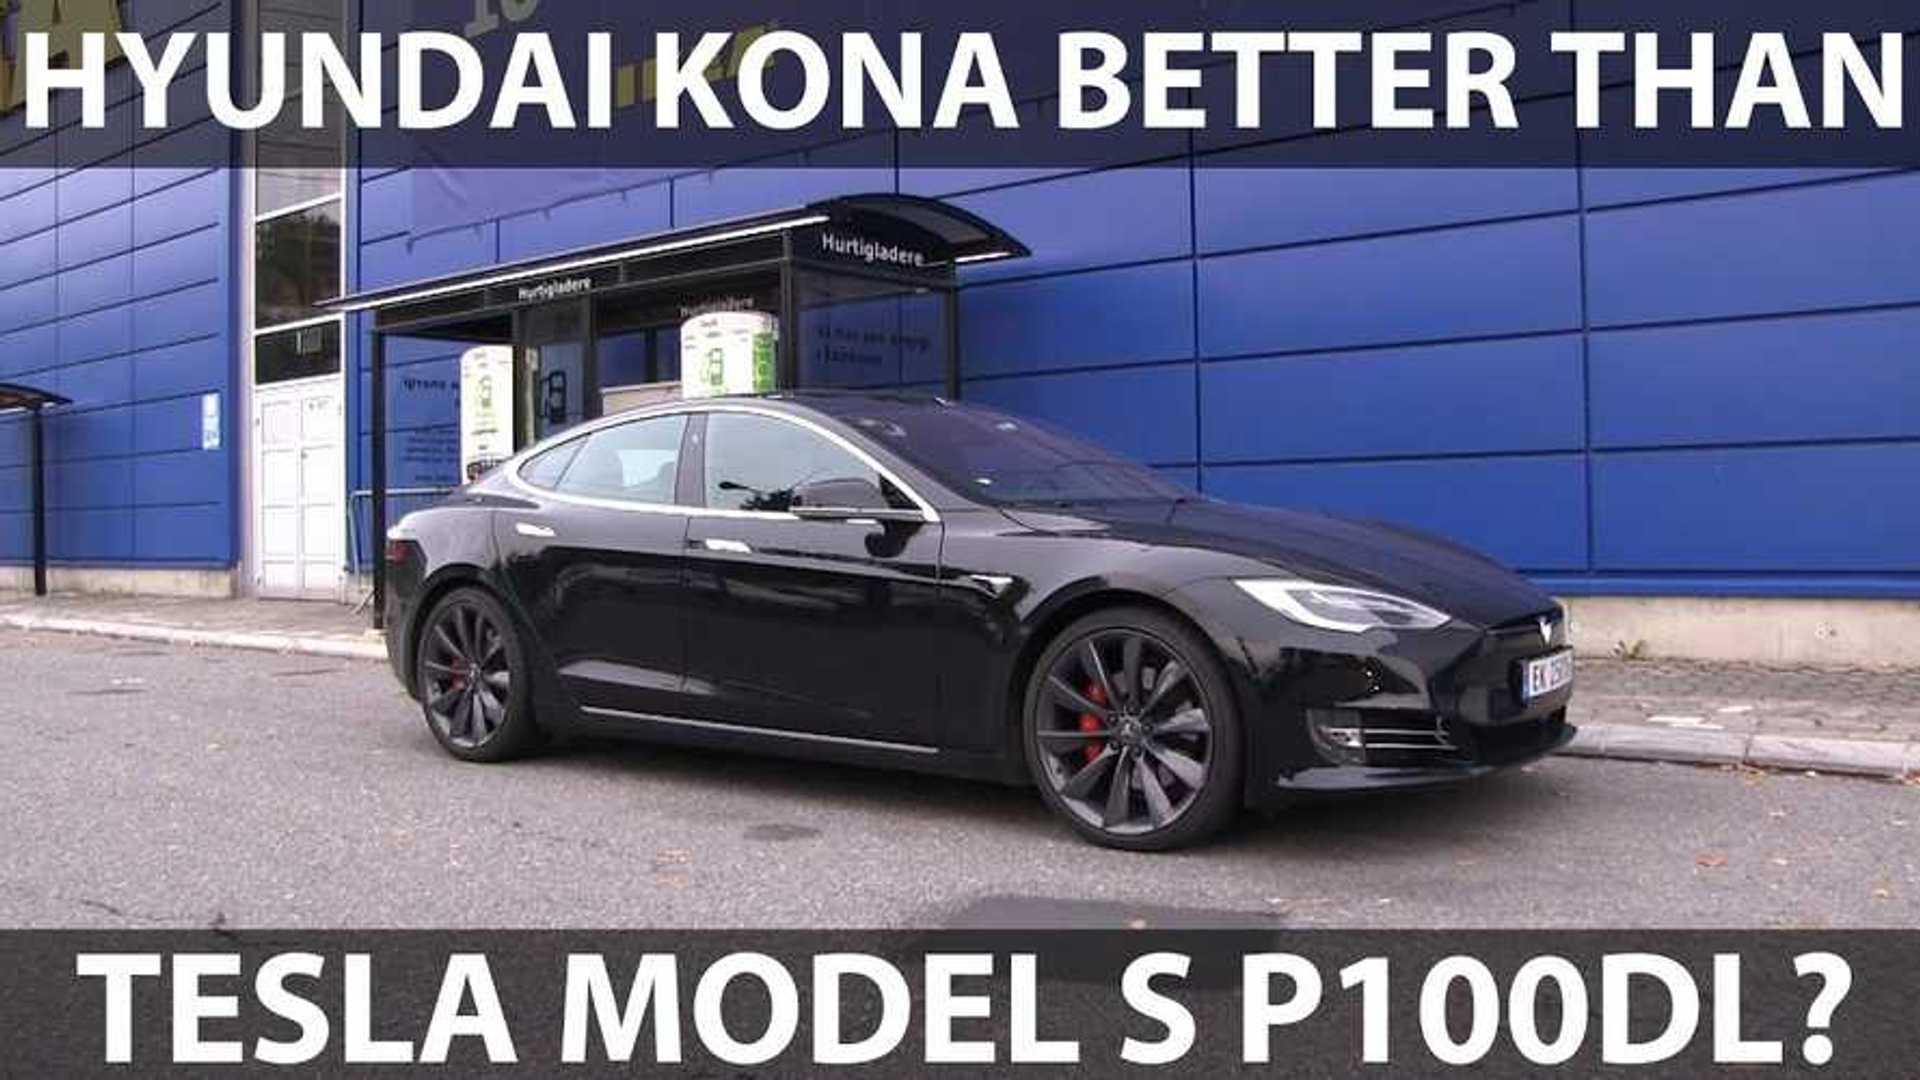 Bjørn Conducts Range Test On Tesla Model S P100D